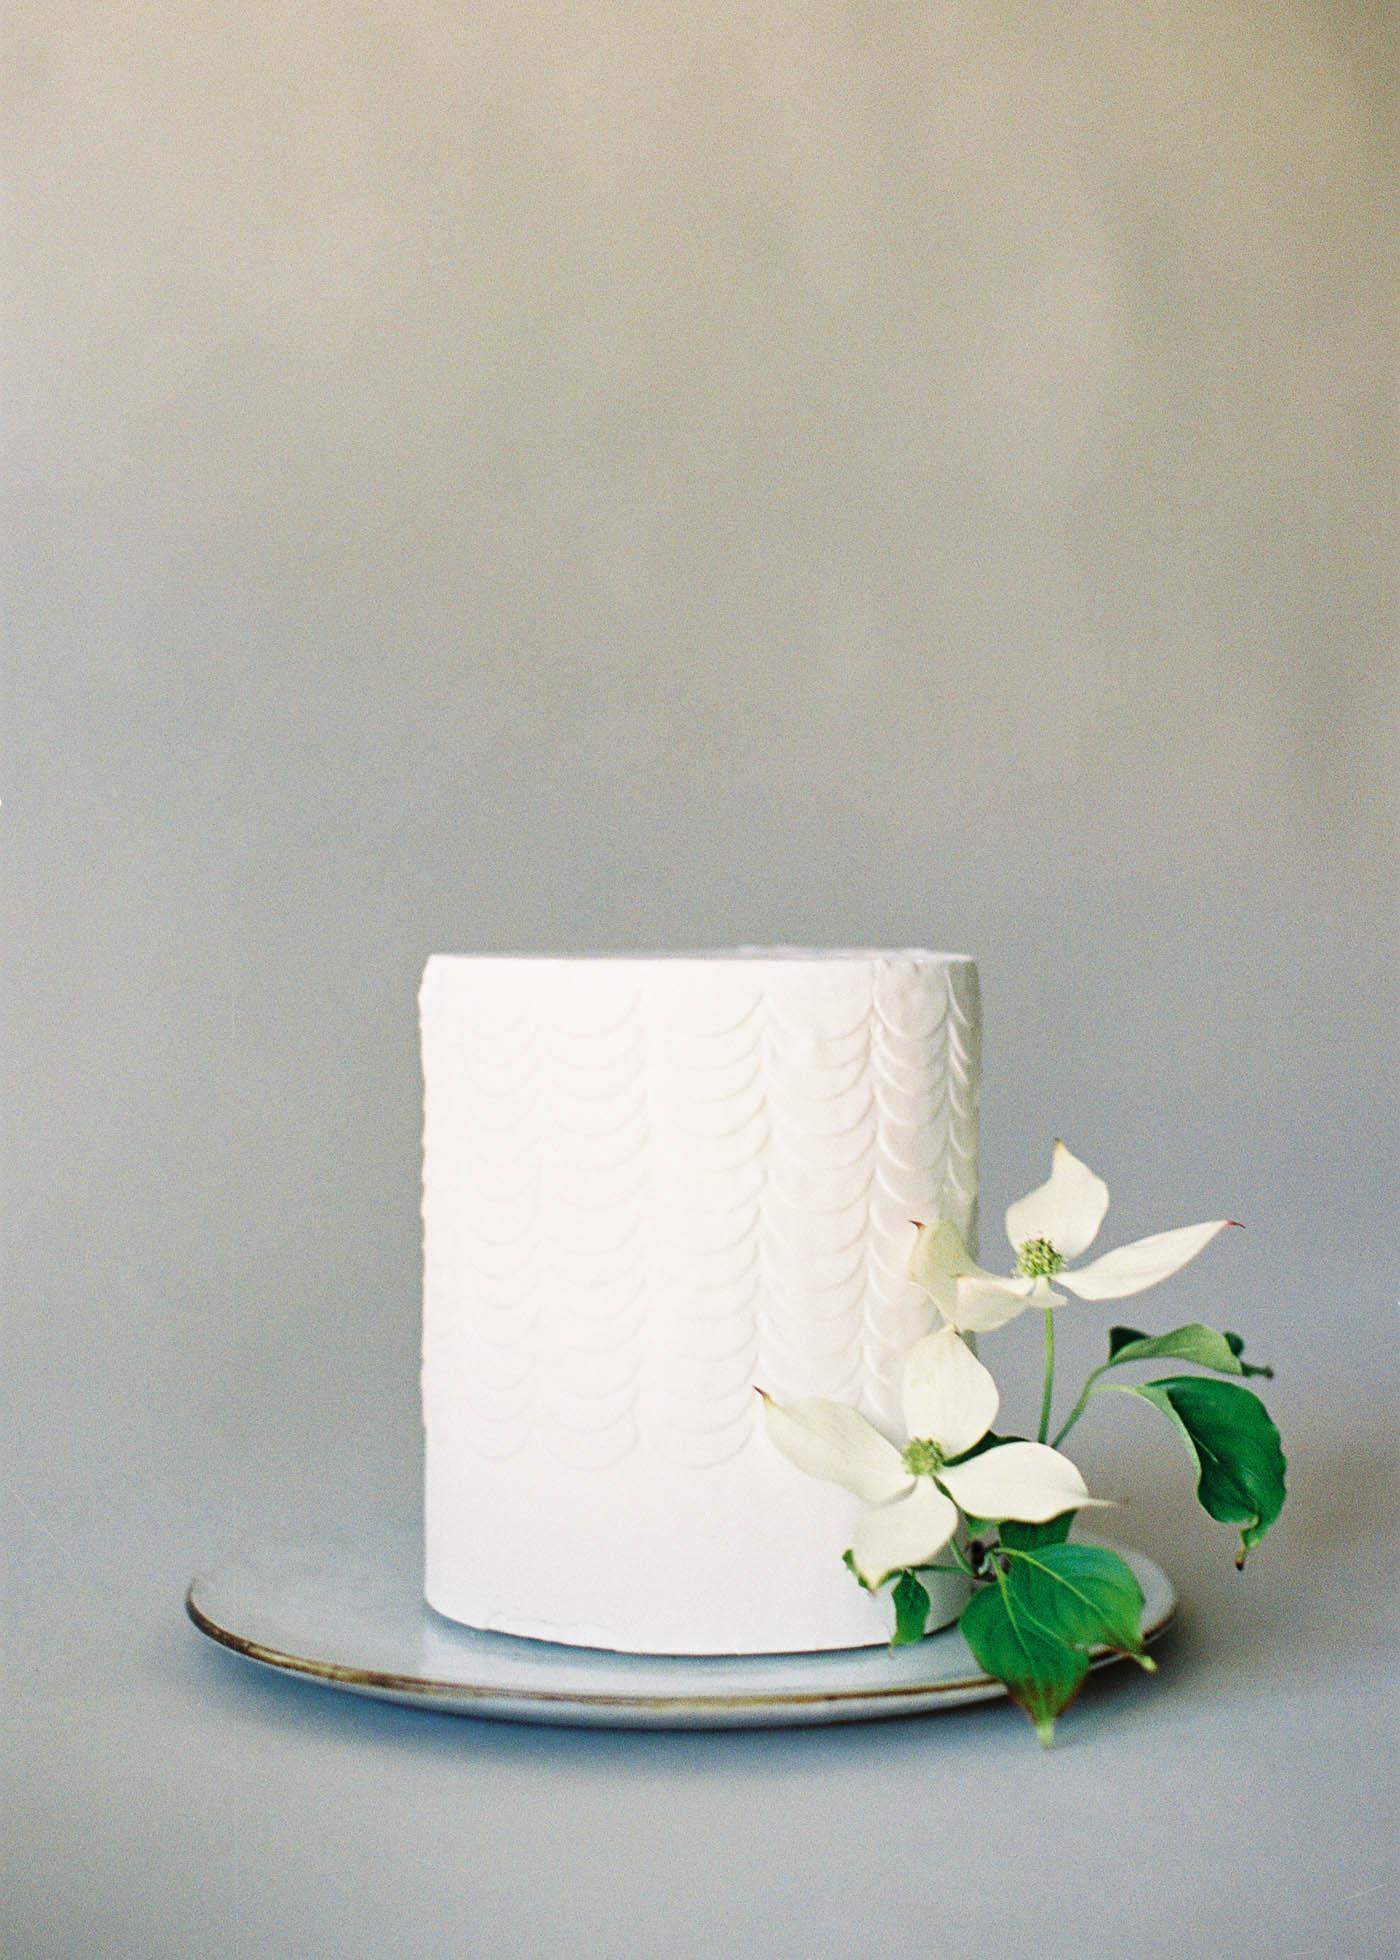 Cake-Favorites-24-Jen_Huang-000486-R1-075-36.jpg